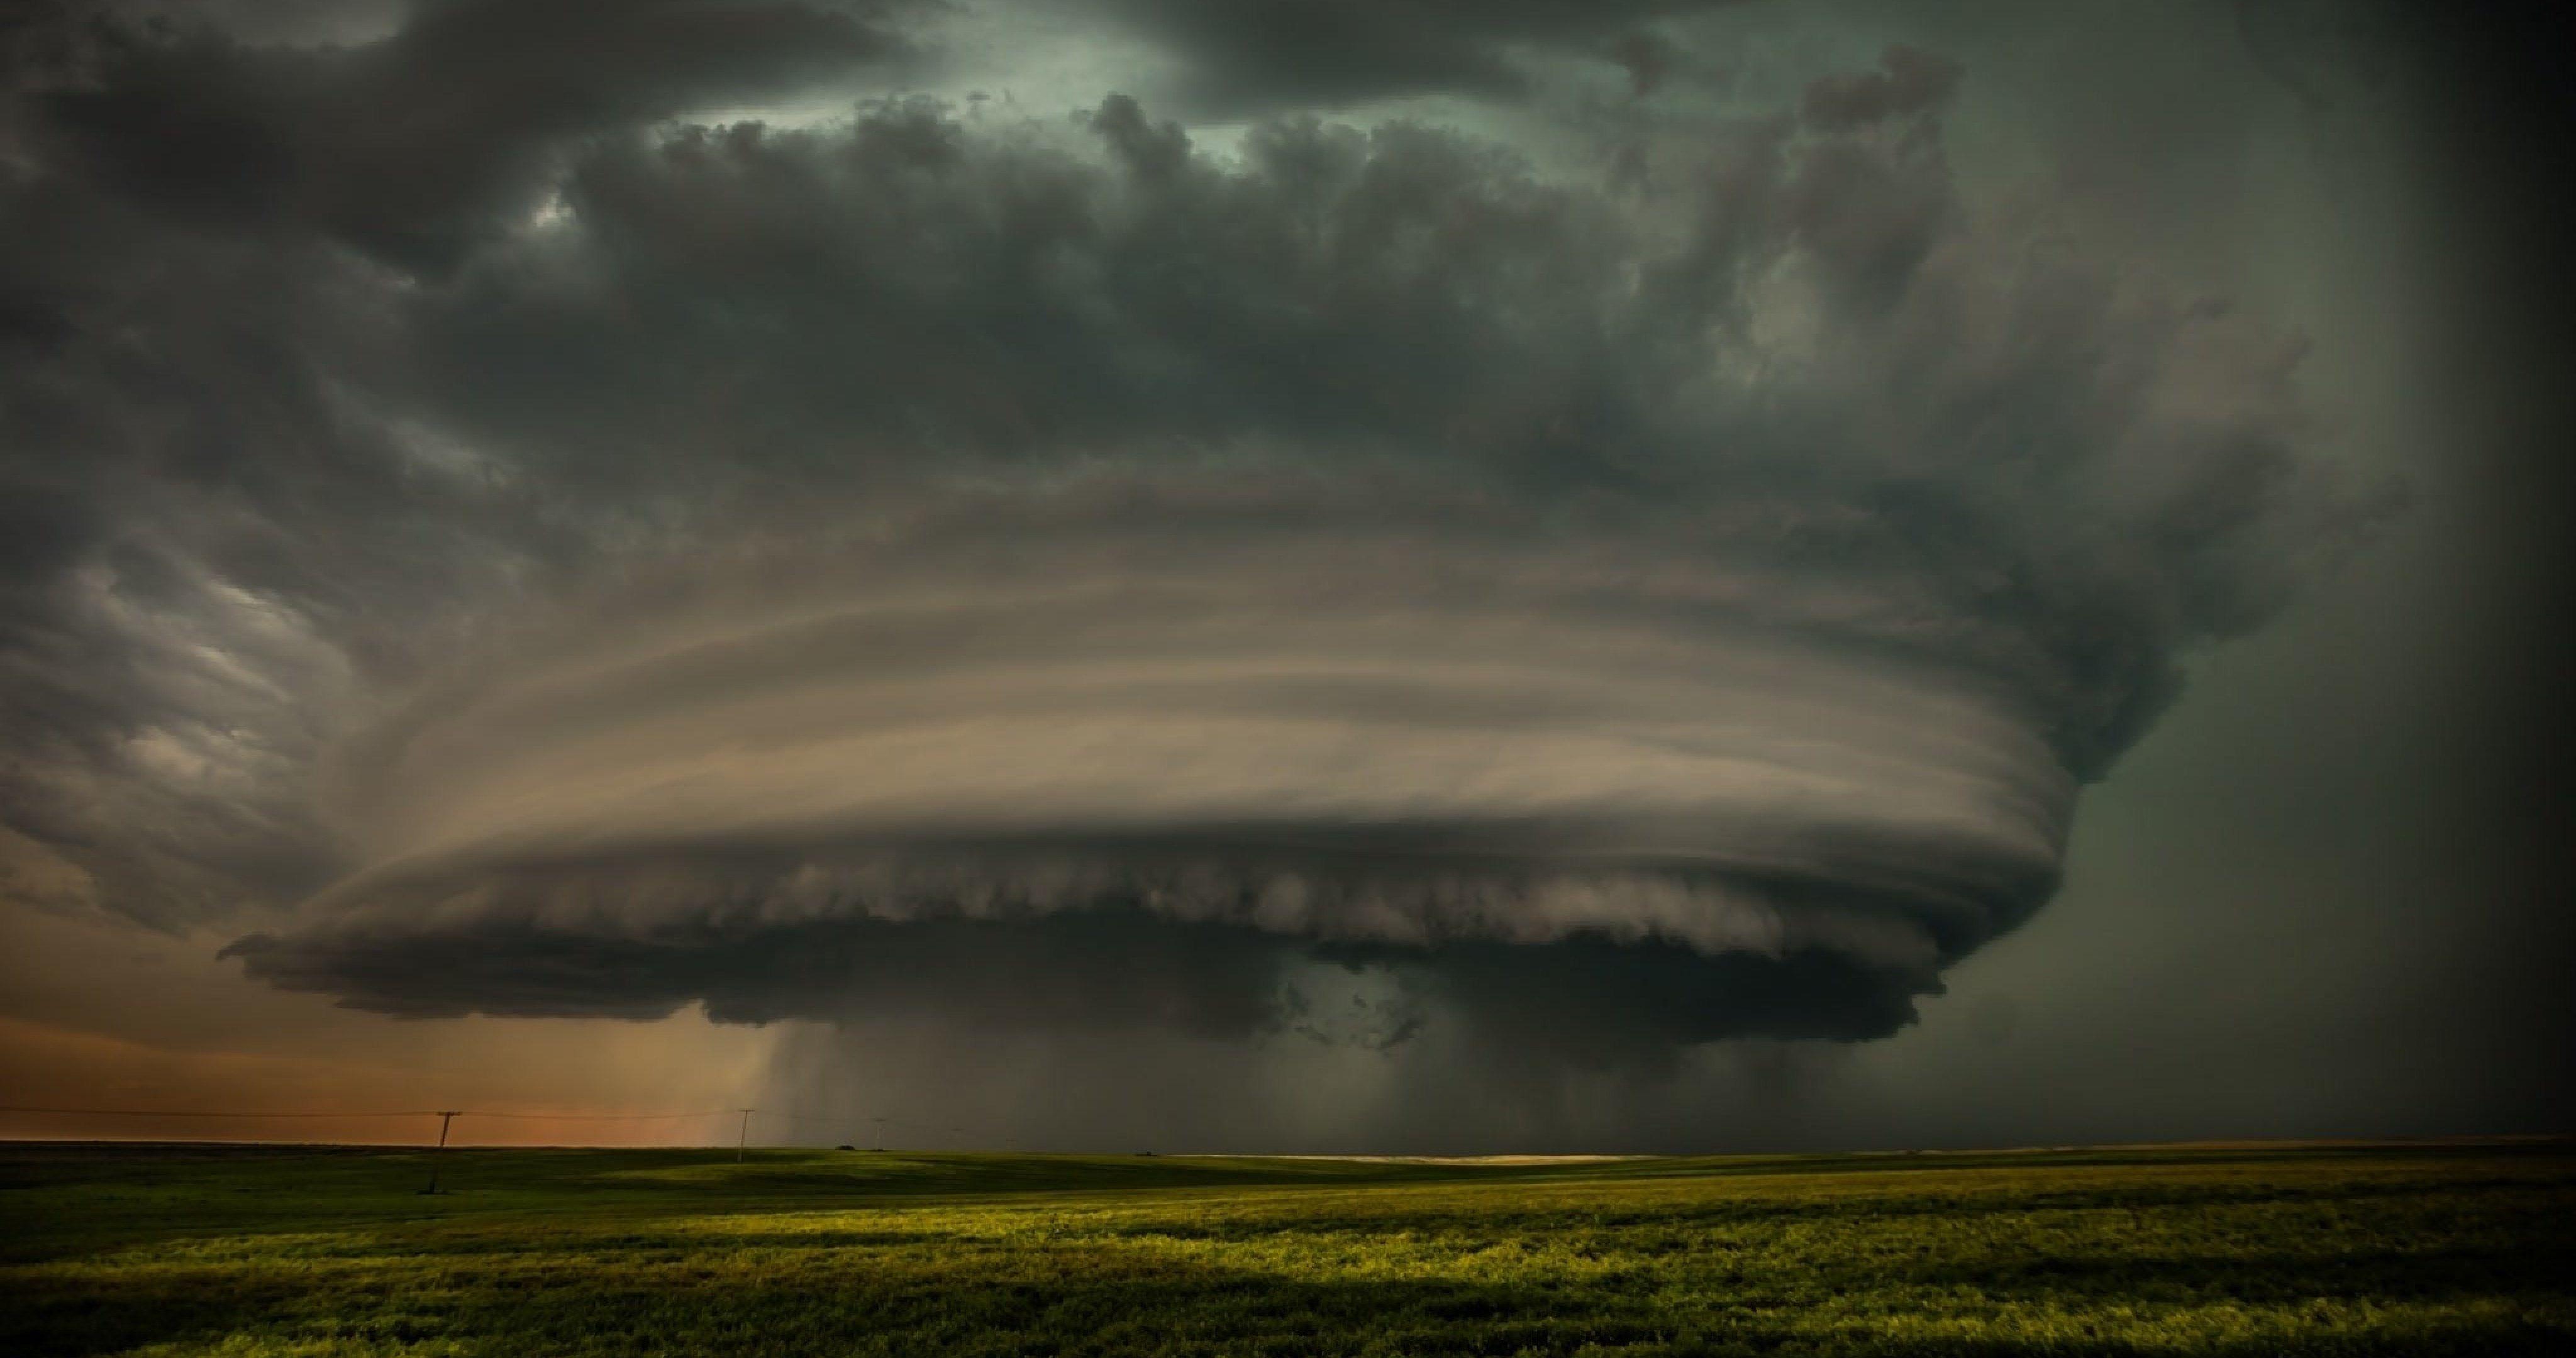 hurricane tornado 4k ultra hd wallpaper